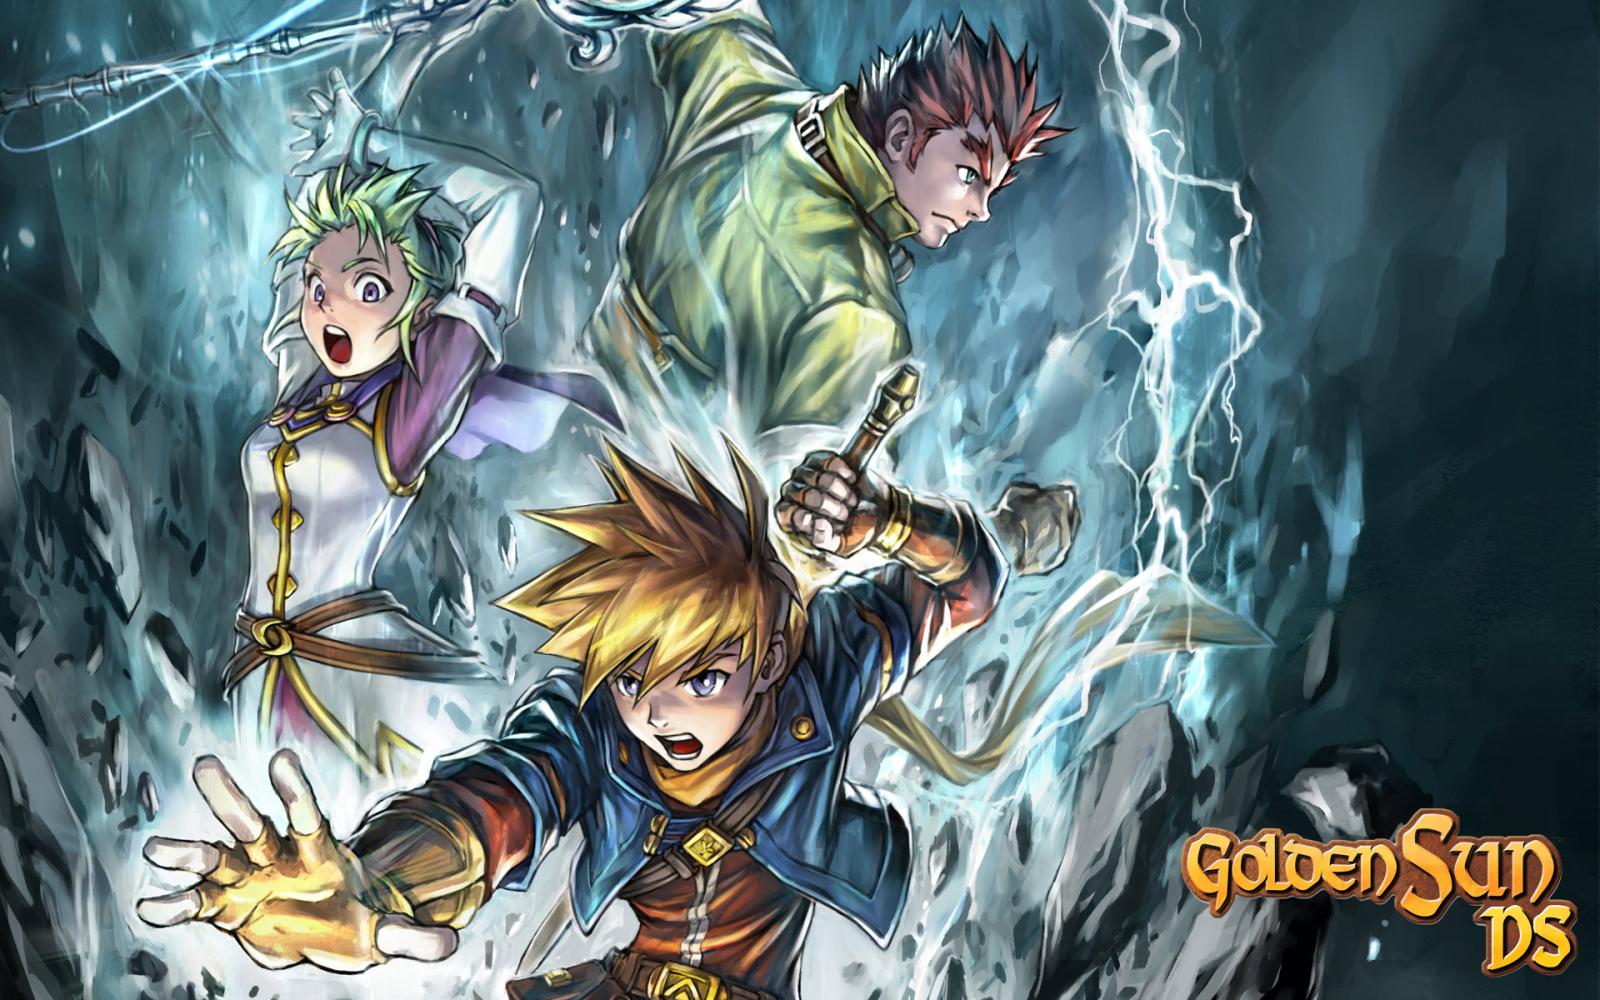 Golden Sun - Wallpapers and Gameplay Screenshots